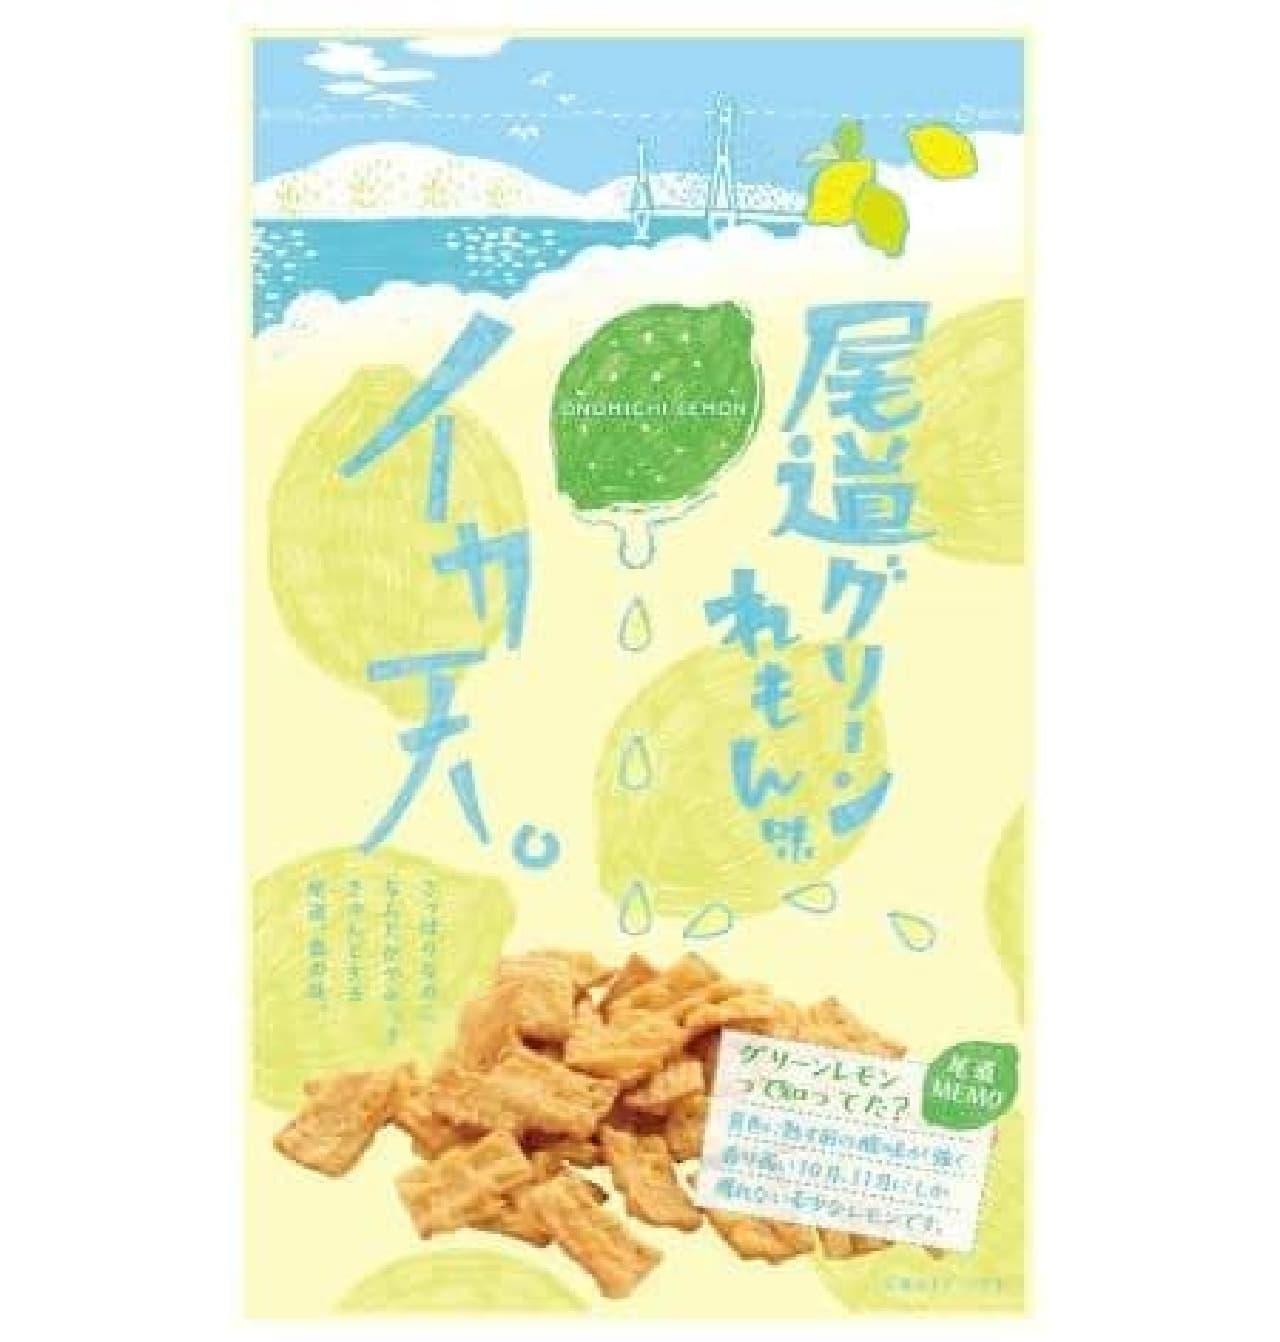 「イカ天尾道グリーンれもん味」は、グリーンレモンが使われたれもんイカ天